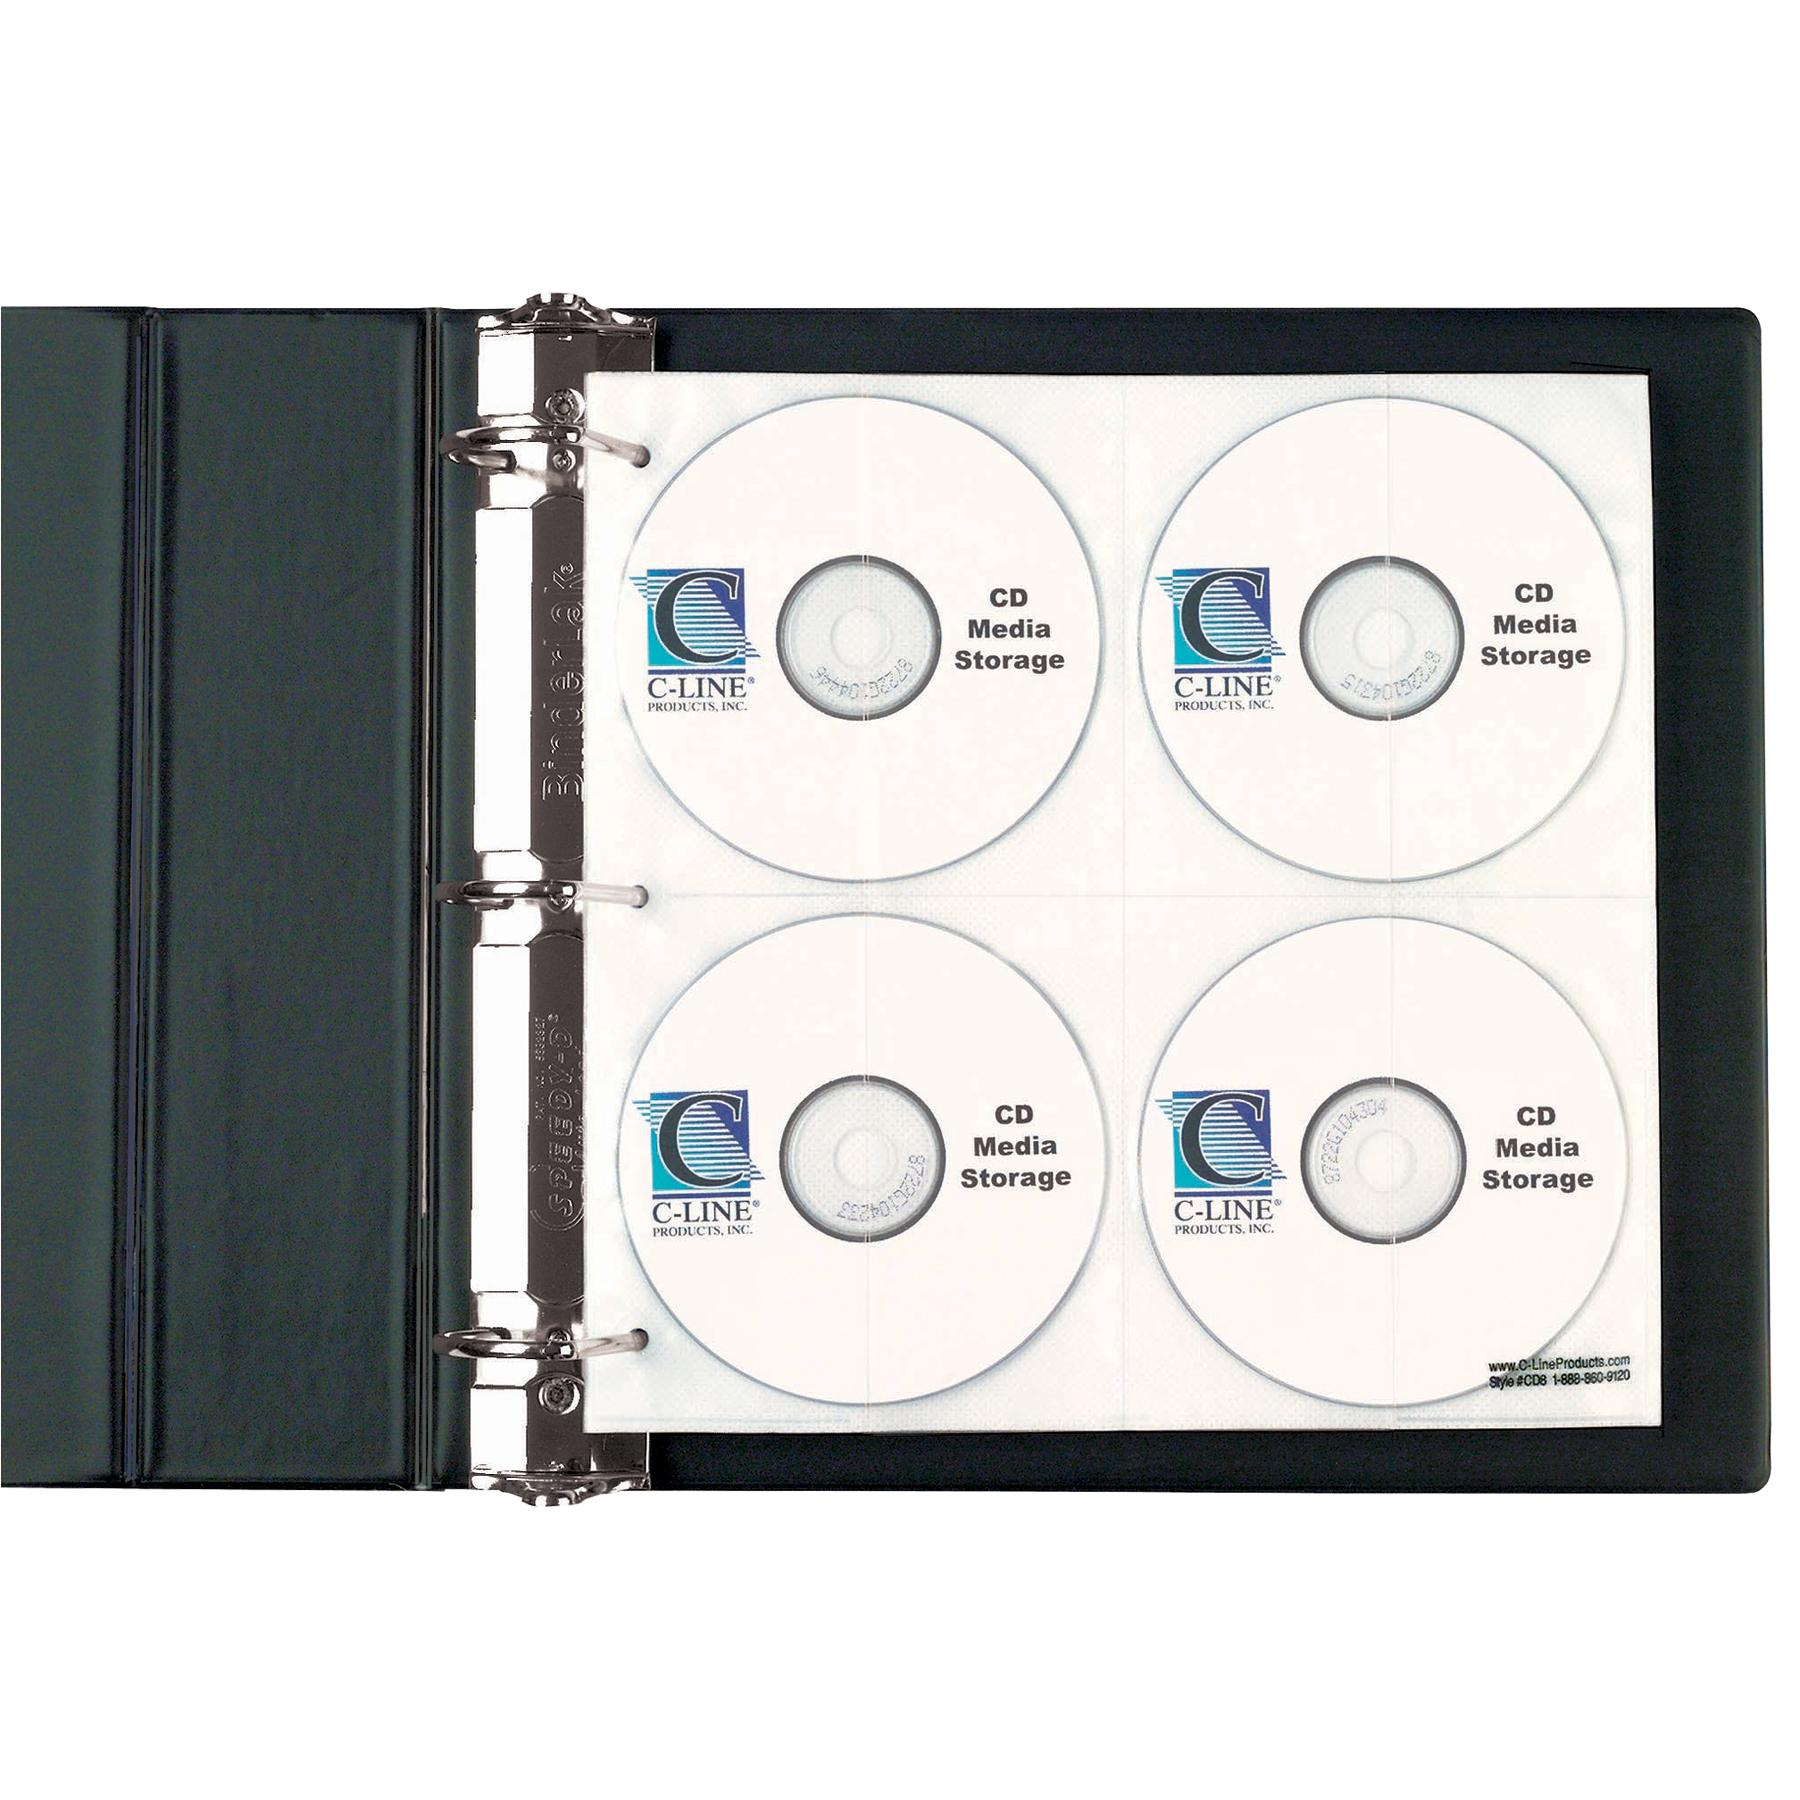 Merveilleux CD Ring Binder Kit · View Larger